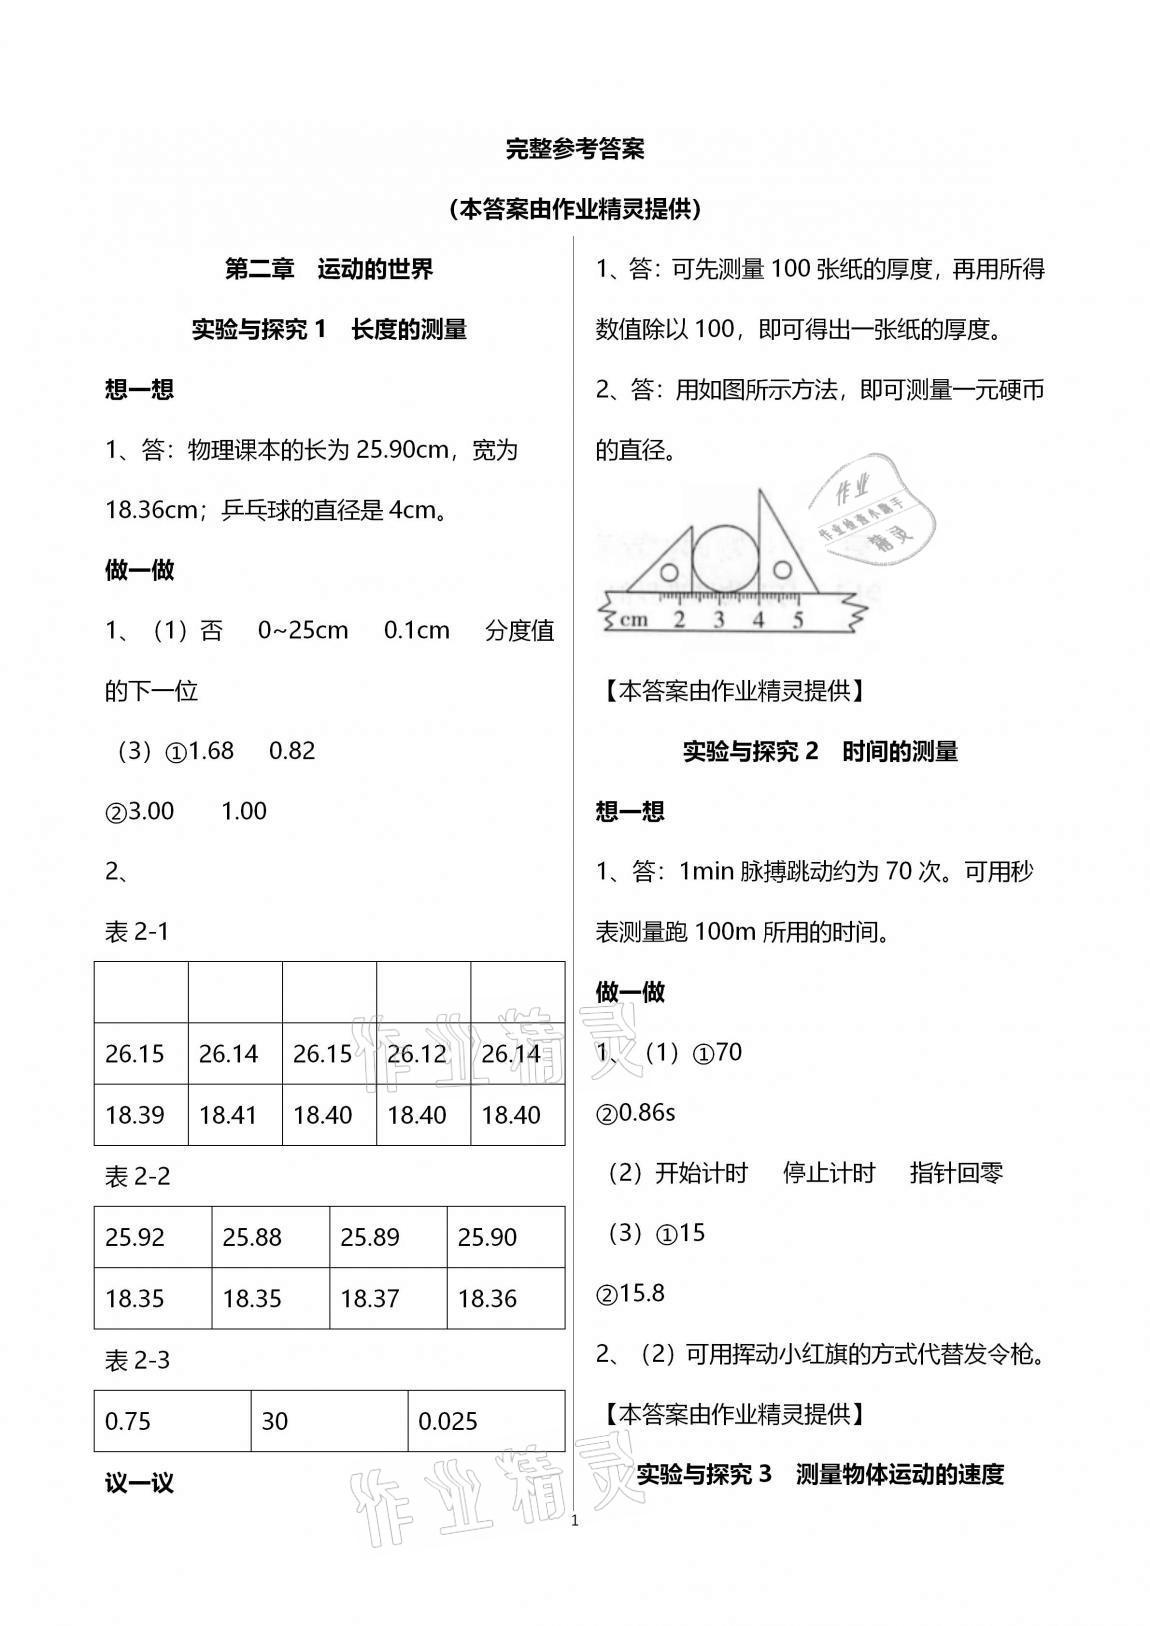 2020年初中实验探究报告册八年级物理全一册沪科版上海科学技术出版社第1页